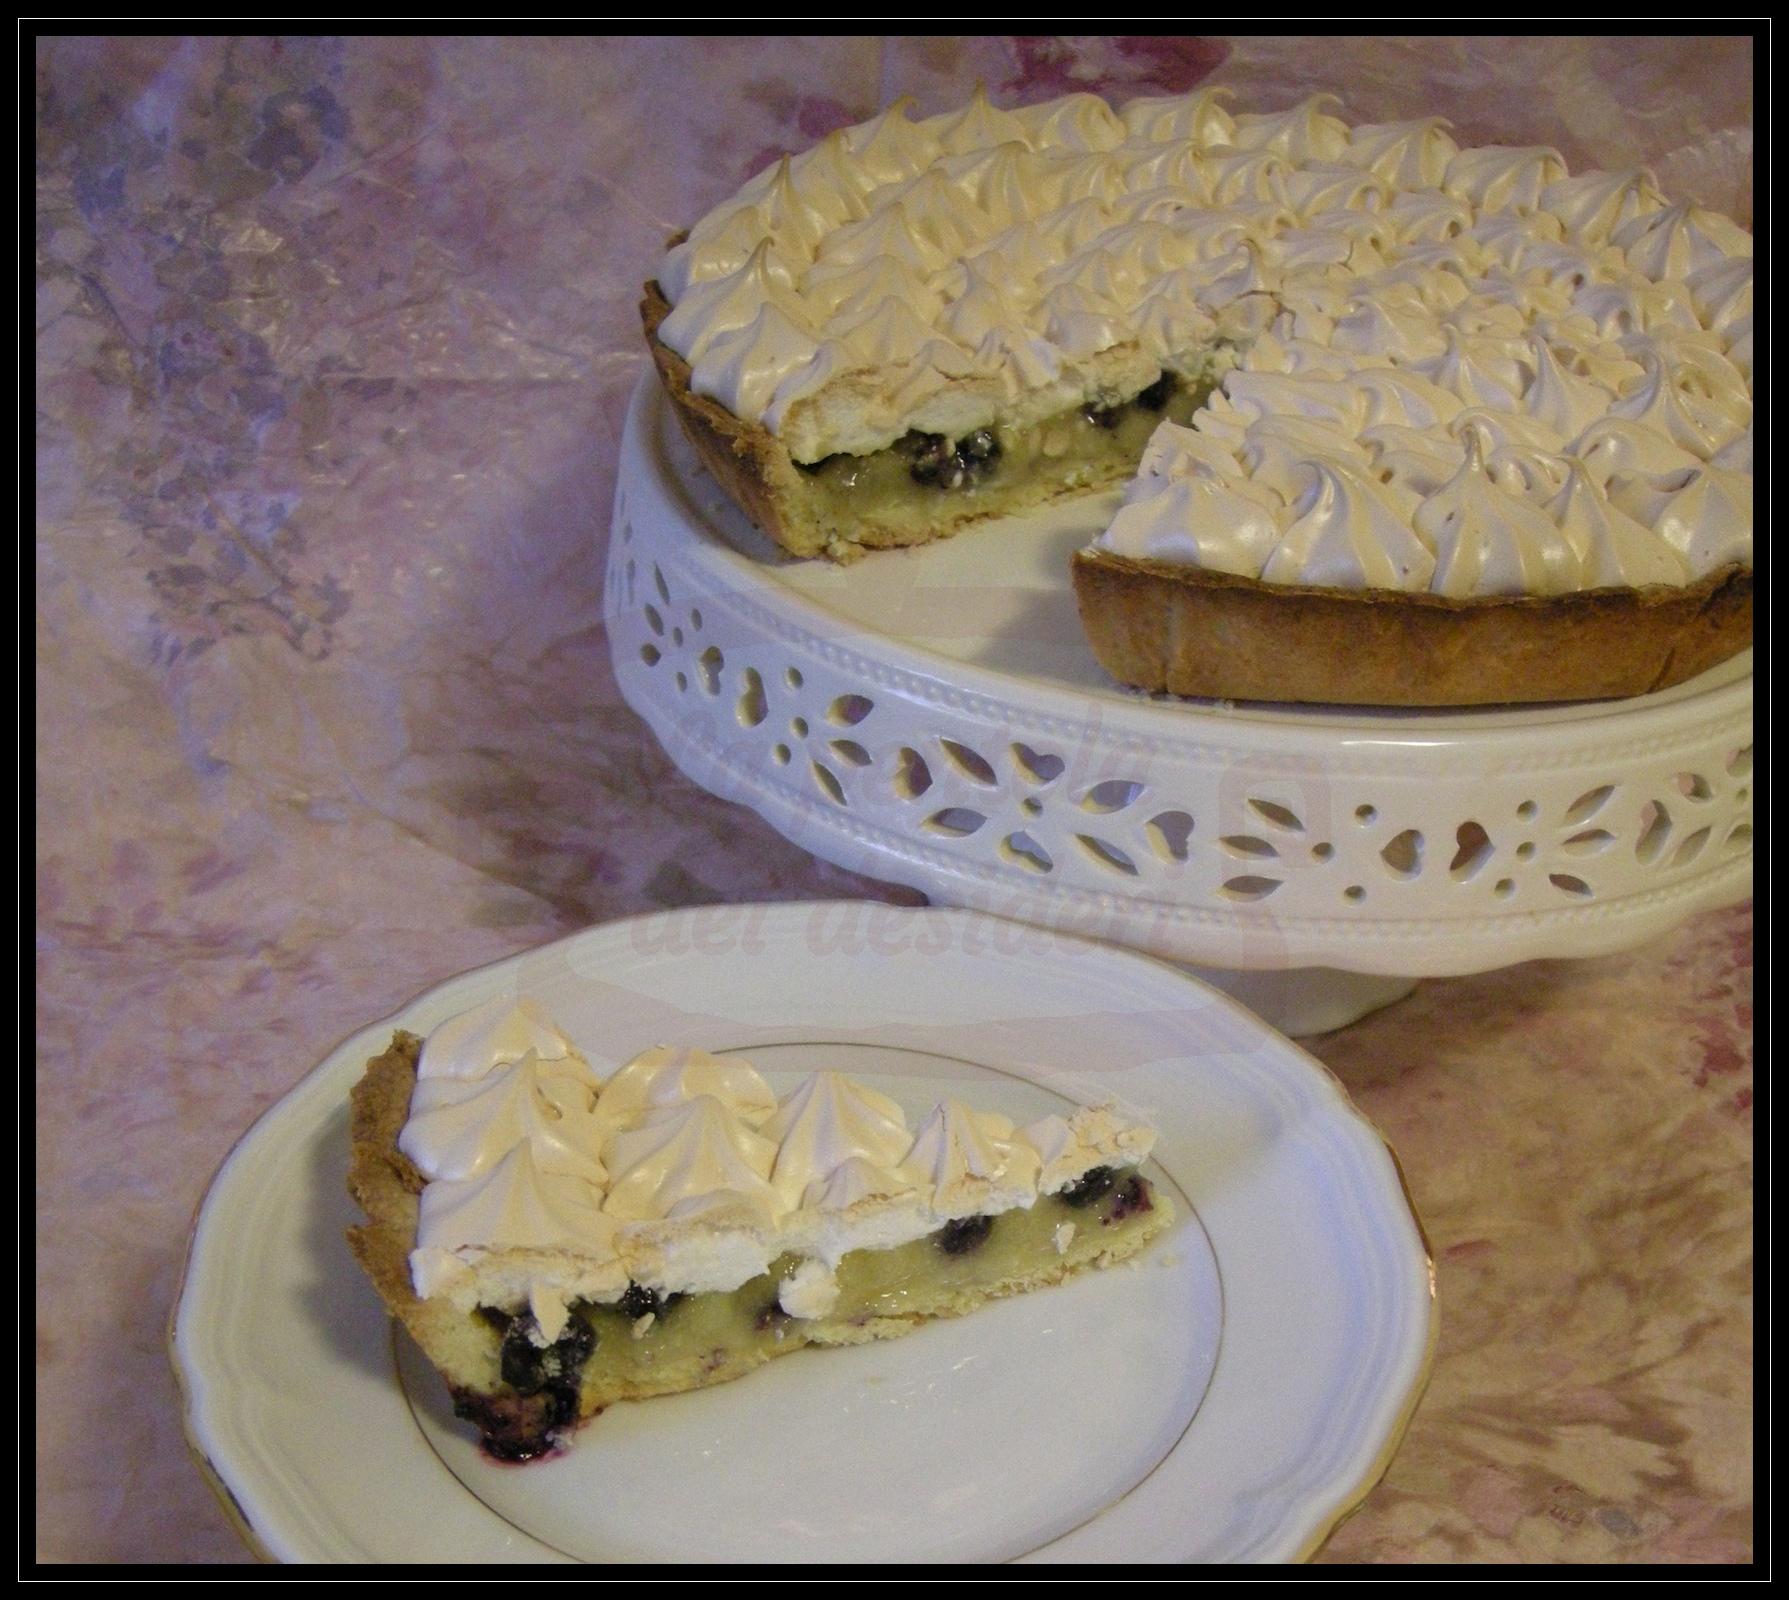 Crostata meringata con mandorle e mirtilli